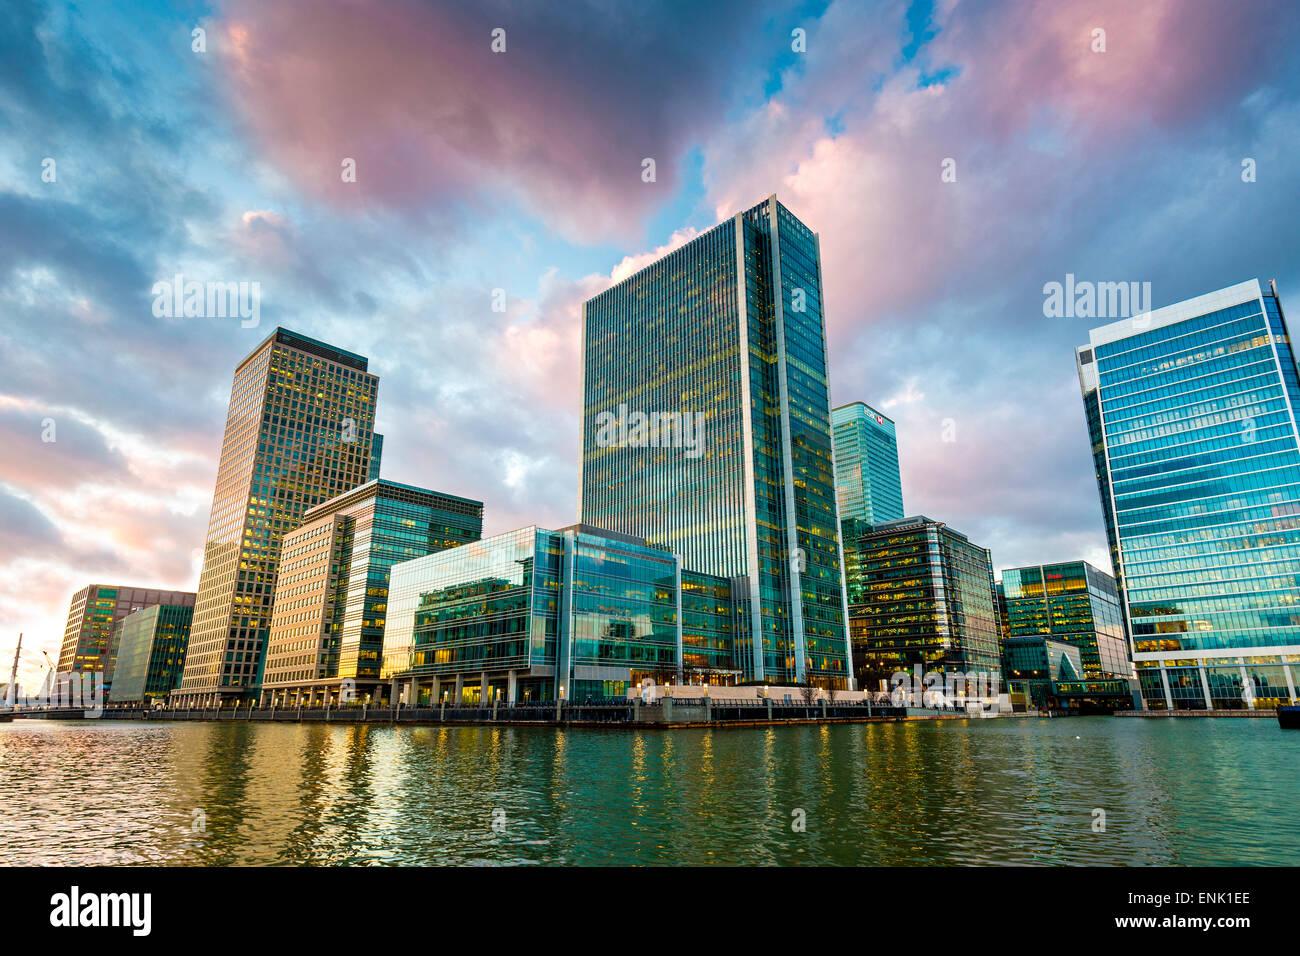 Canary Wharf al crepuscolo, Docklands, Londra, Inghilterra, Regno Unito, Europa Immagini Stock